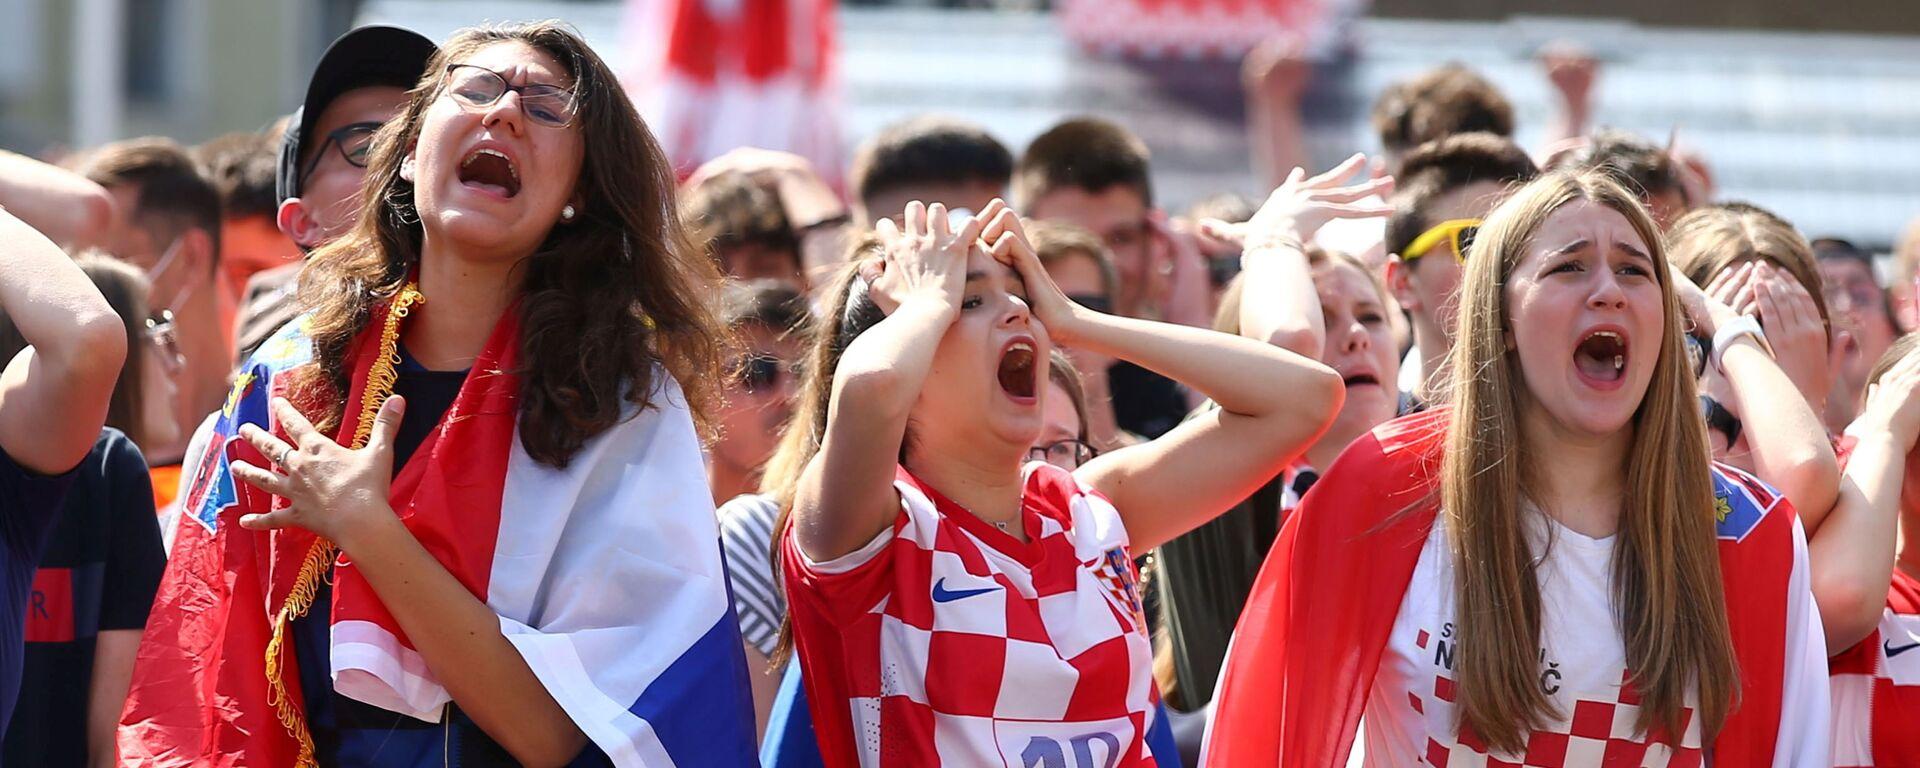 Болельщики сборной Хорватии во время матча Хорватия-Англия  - Sputnik Mundo, 1920, 15.06.2021